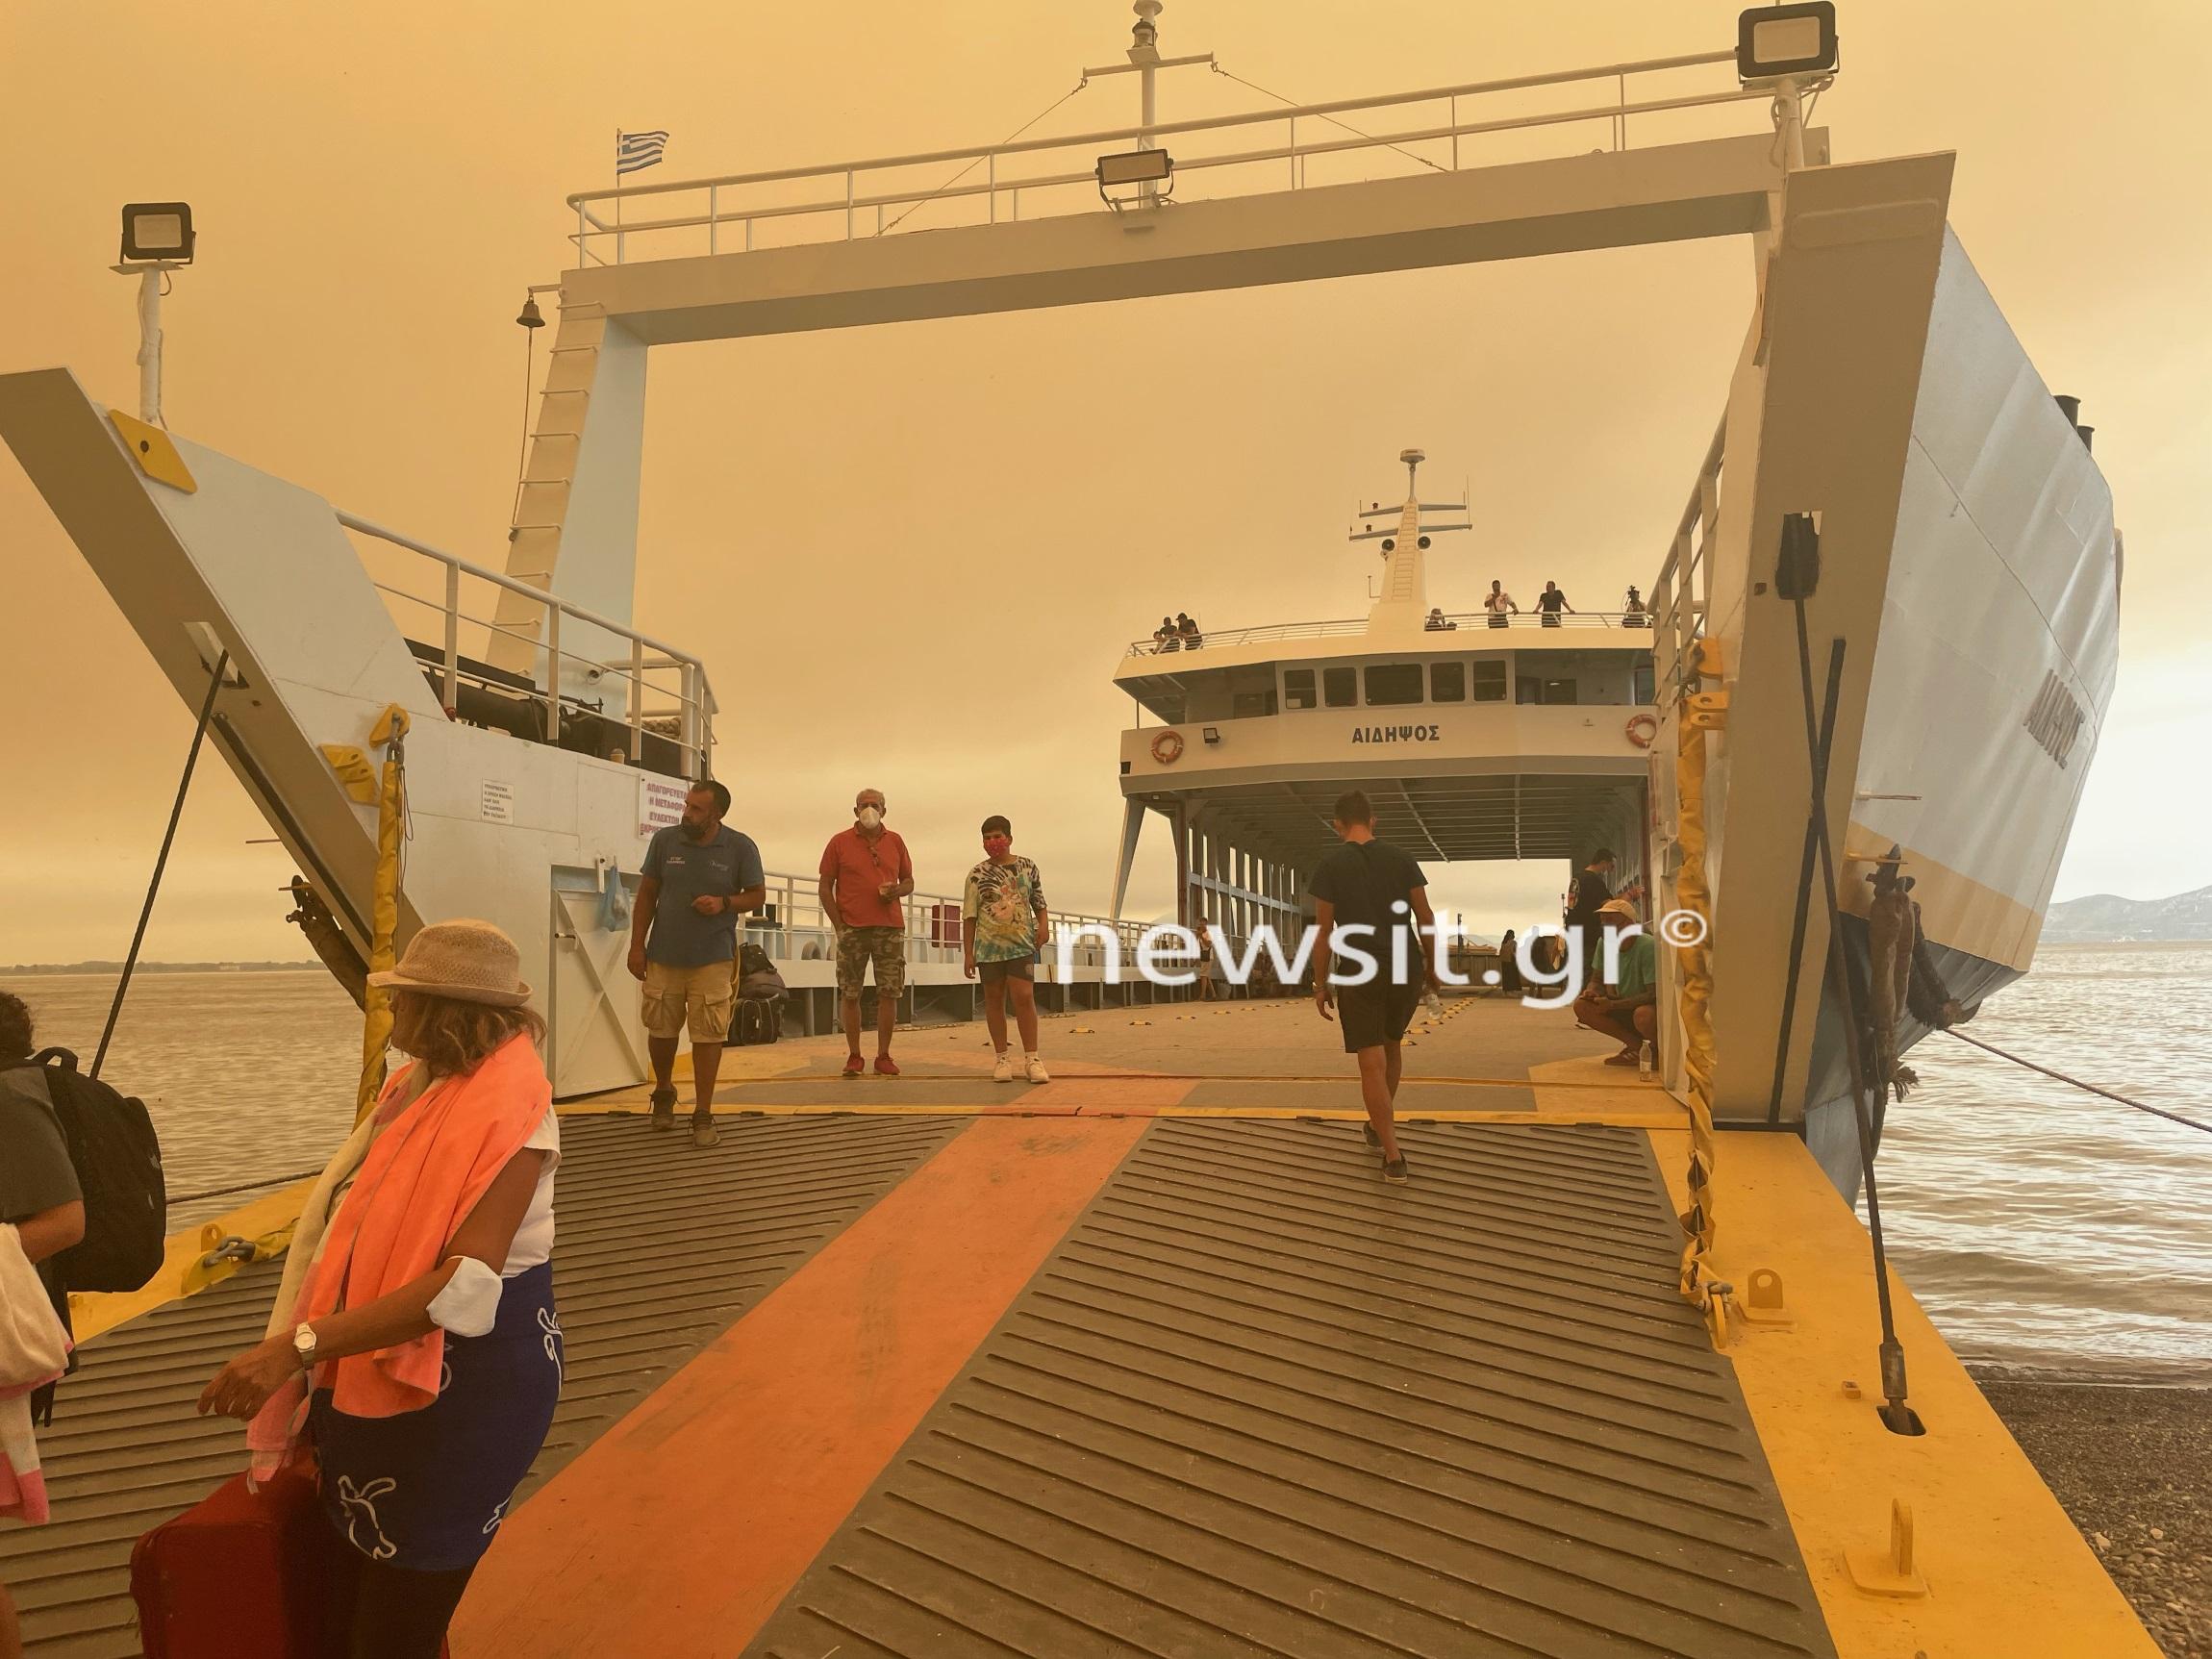 Φωτιά στην Εύβοια: Δια θαλάσσης και δωρεάν απομακρύνονται από τις φλόγες – Το newsit.gr στο Πευκί